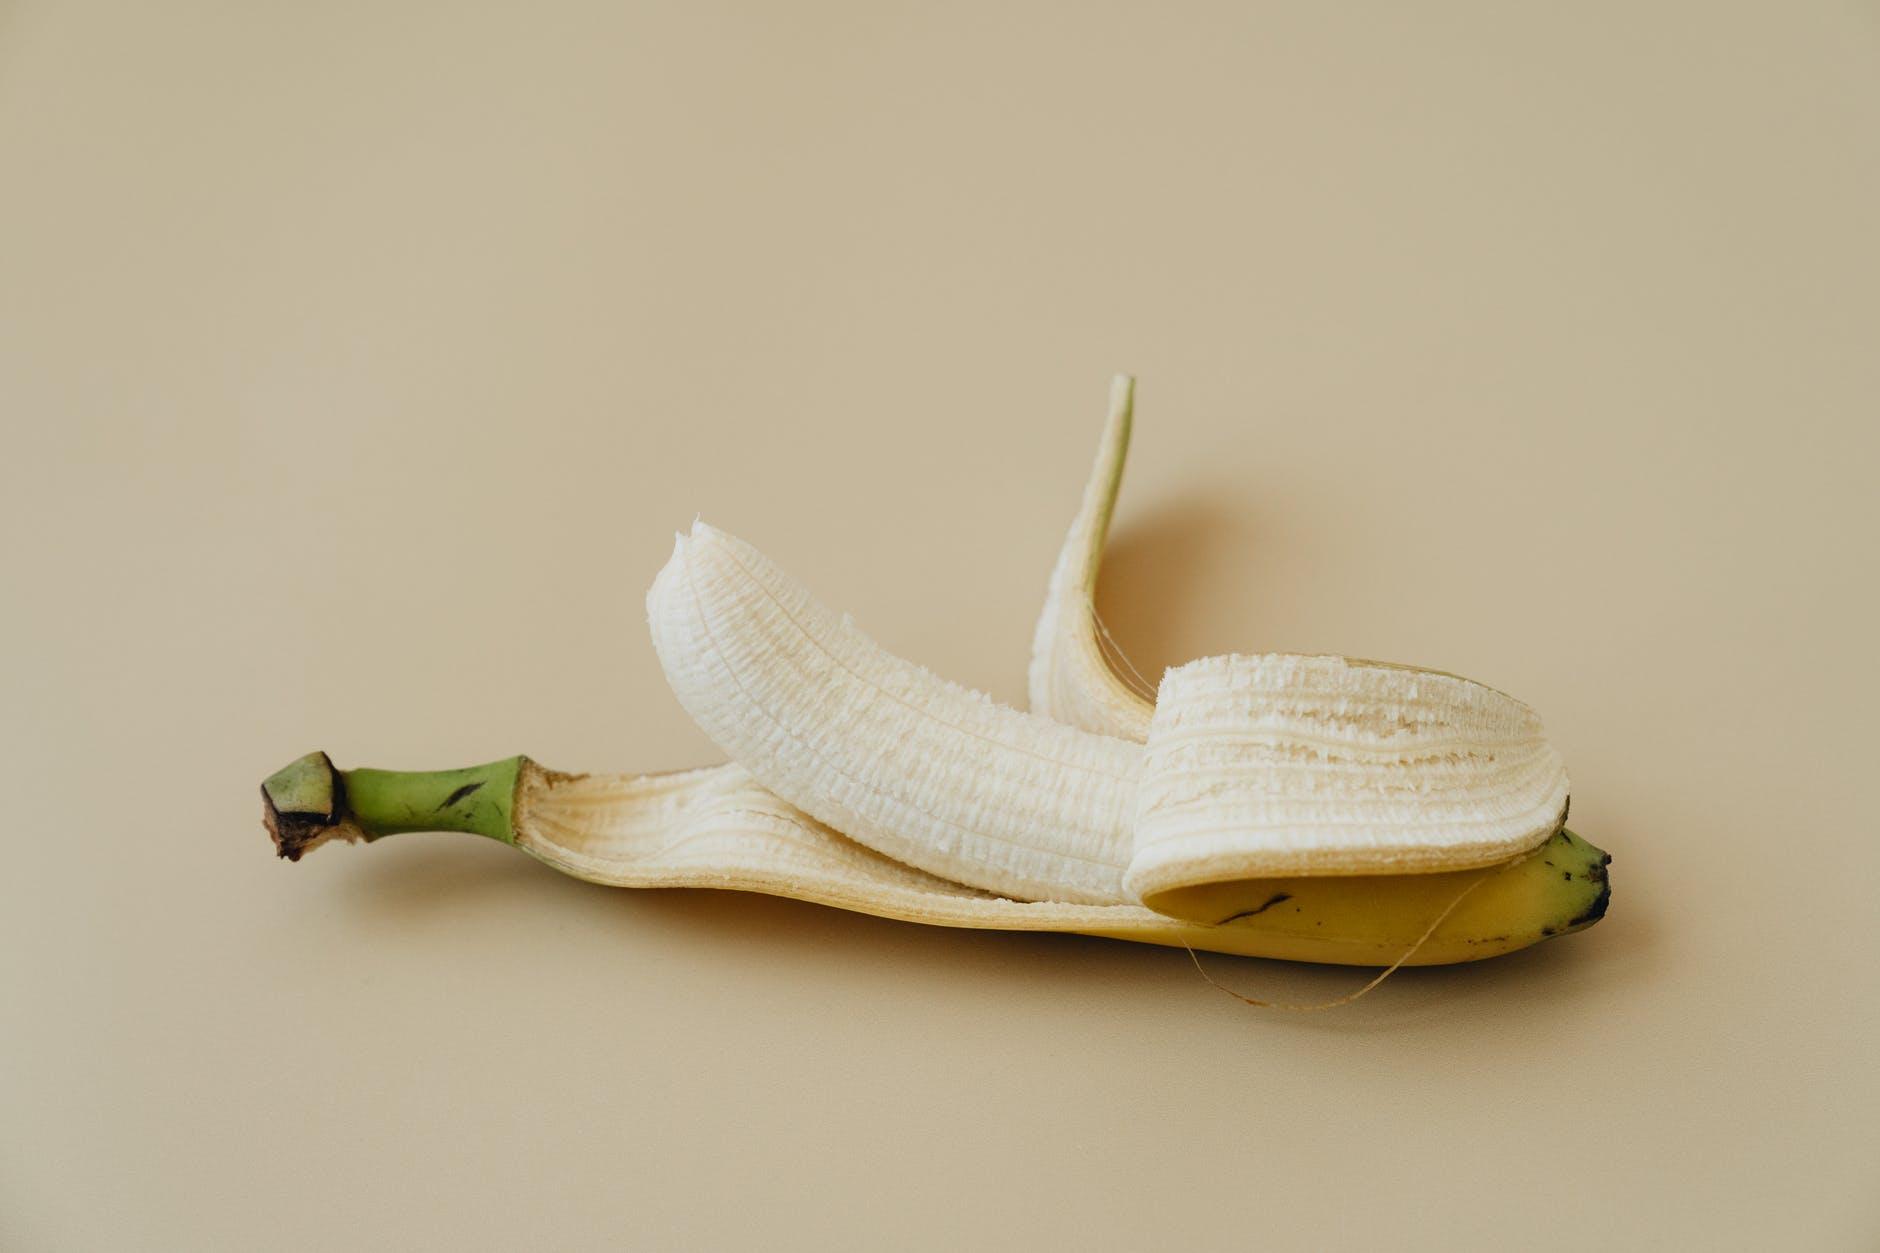 Popularna Watanabe metoda   banana, food wood leaf health